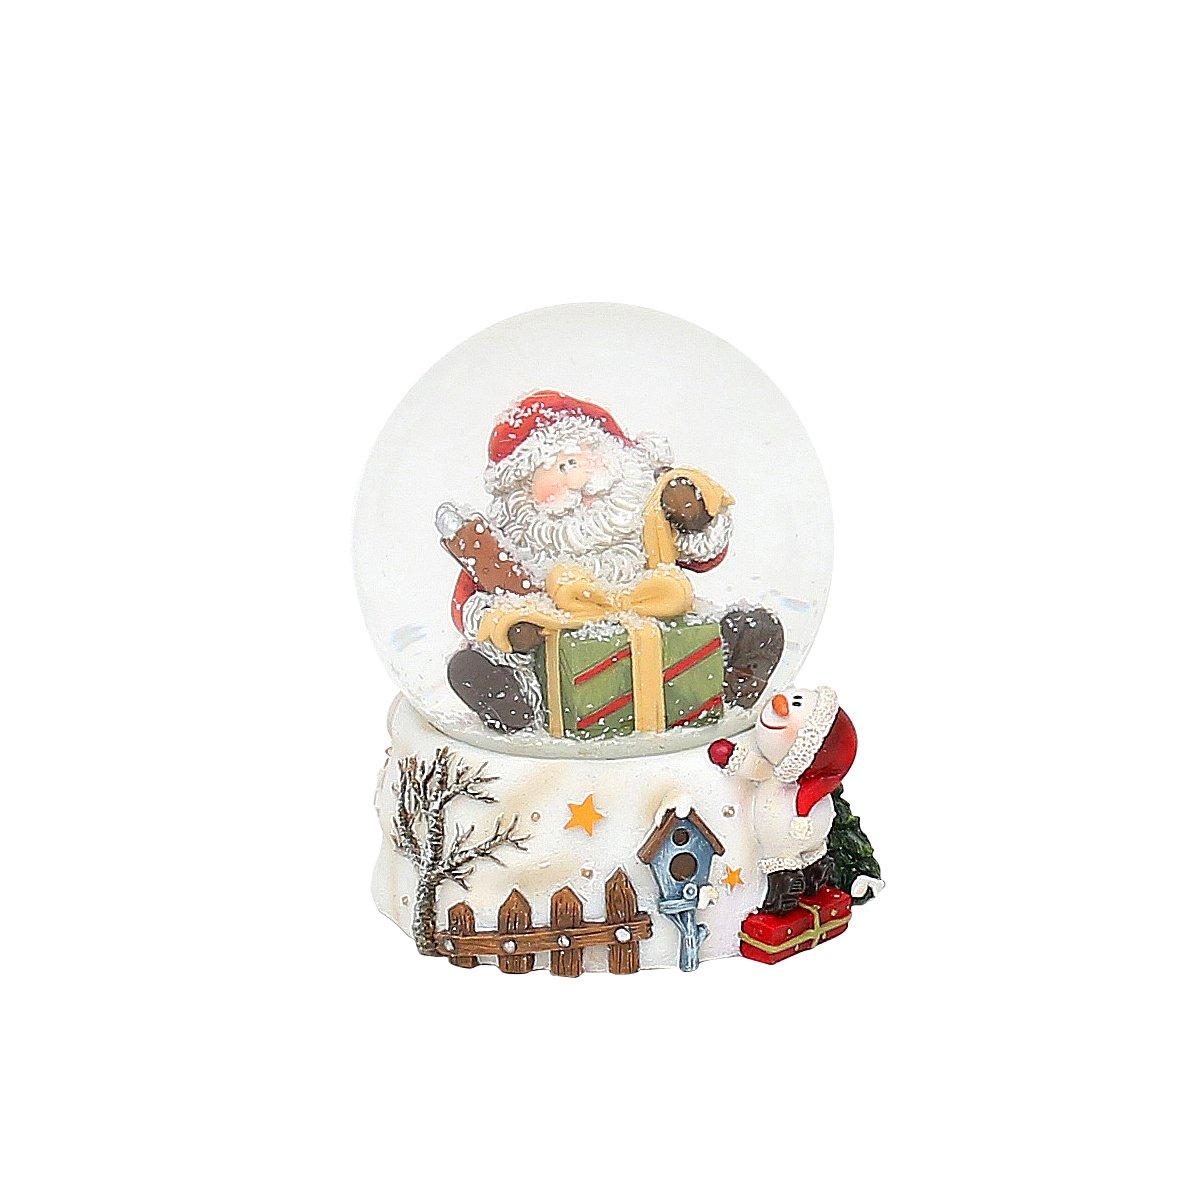 Piccola palla di neve con Babbo Natale, L/L/A 7x 7x 9,5cm, diametro sfera 6,5cm Baum L/L/A 7x 7x 9 5cm 5cm Baum Dekohelden24